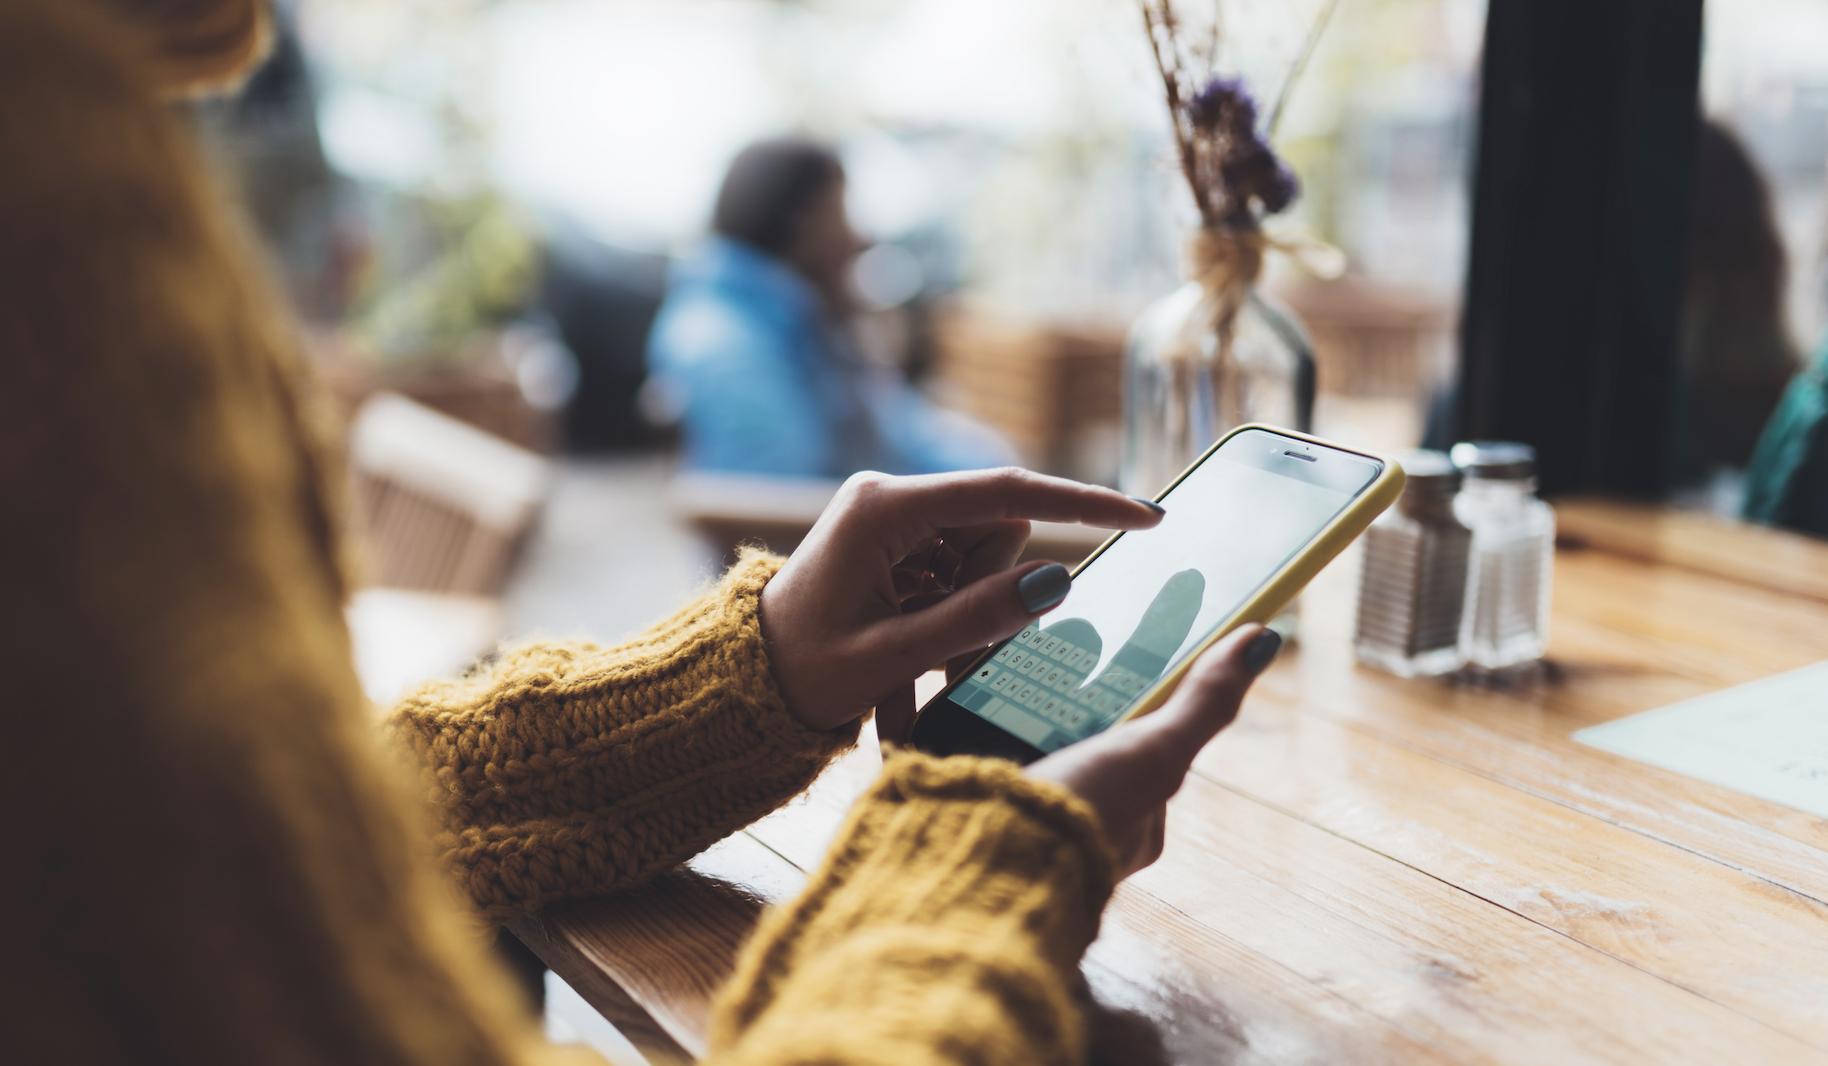 天音控股拟收购天珑移动手机业务而非荣耀,已连续三个交易日跌停